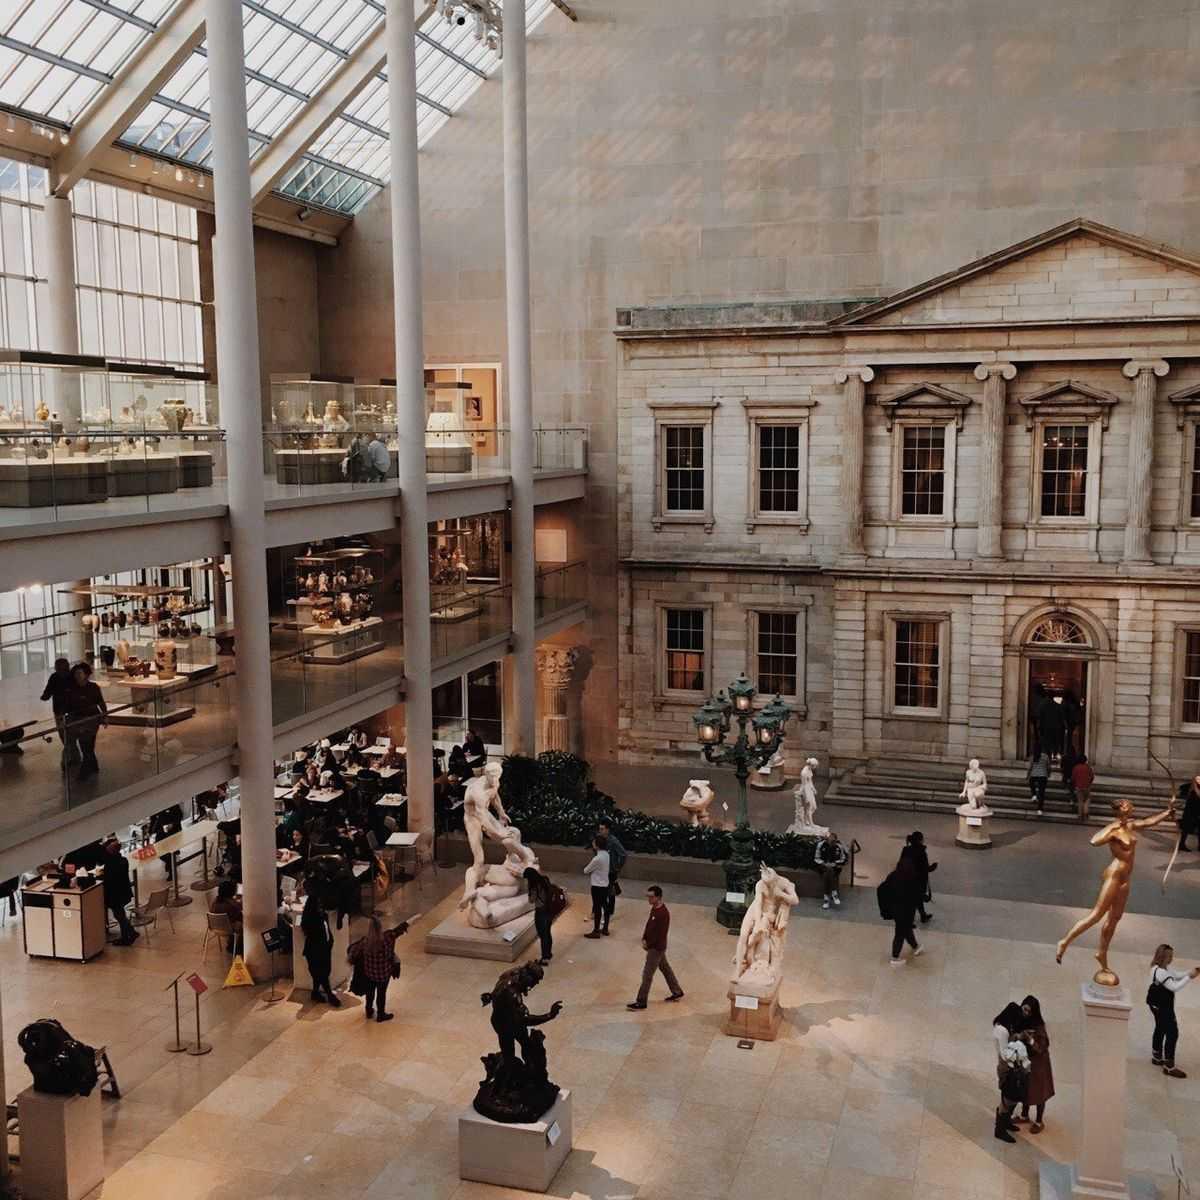 Музей искусства Метрополитен - Metropolitan Museum of Art